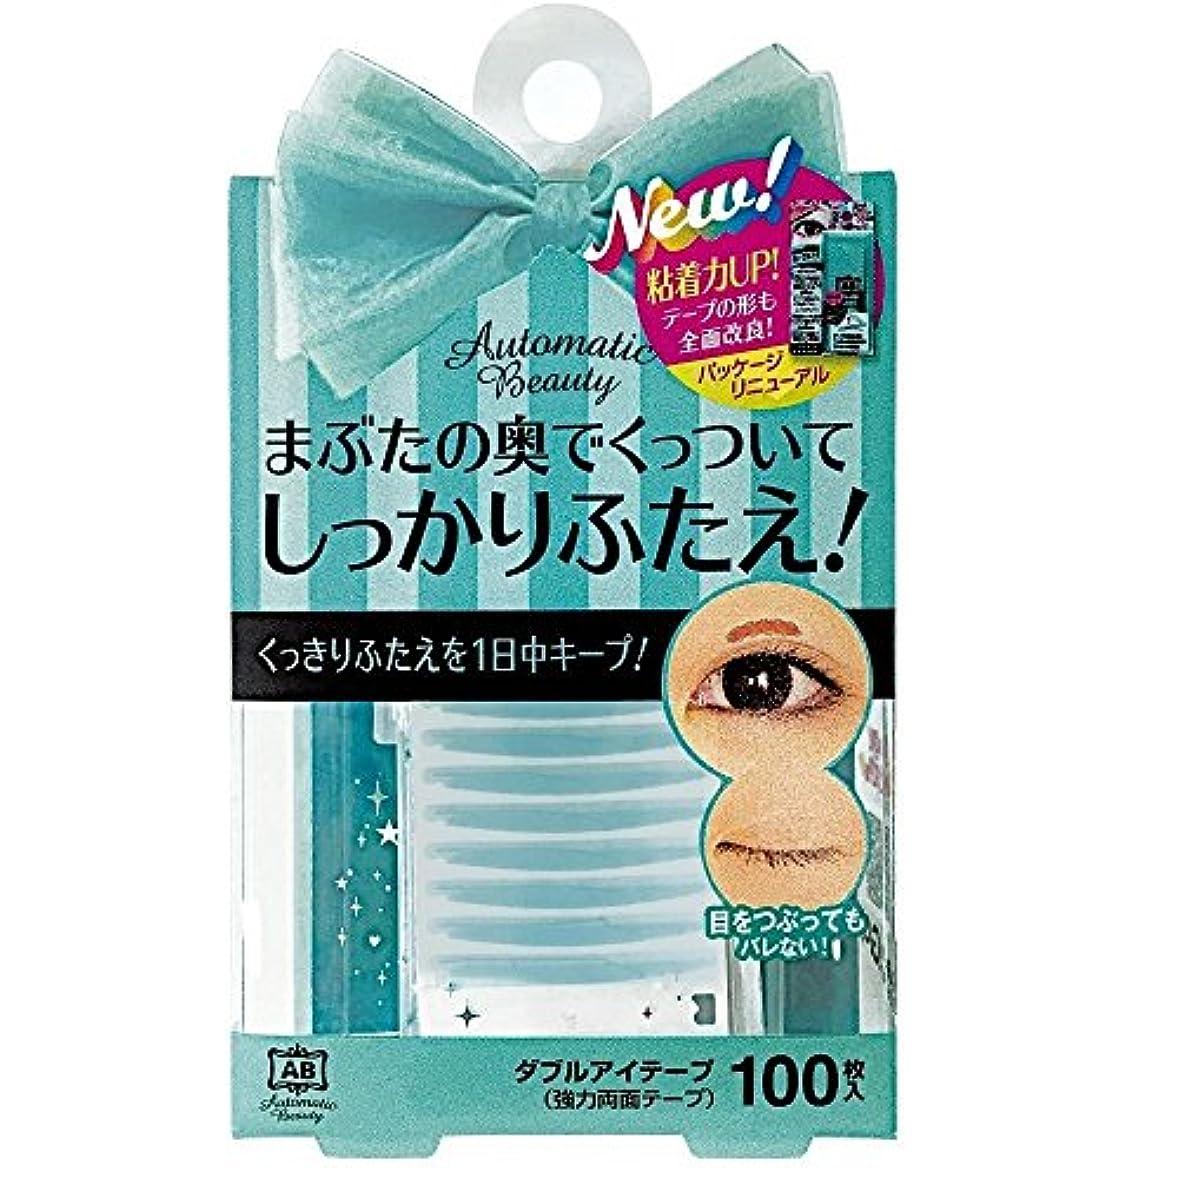 罪色タンパク質Automatic Beauty(オートマティックビューティ) ダブルアイテープ 100枚